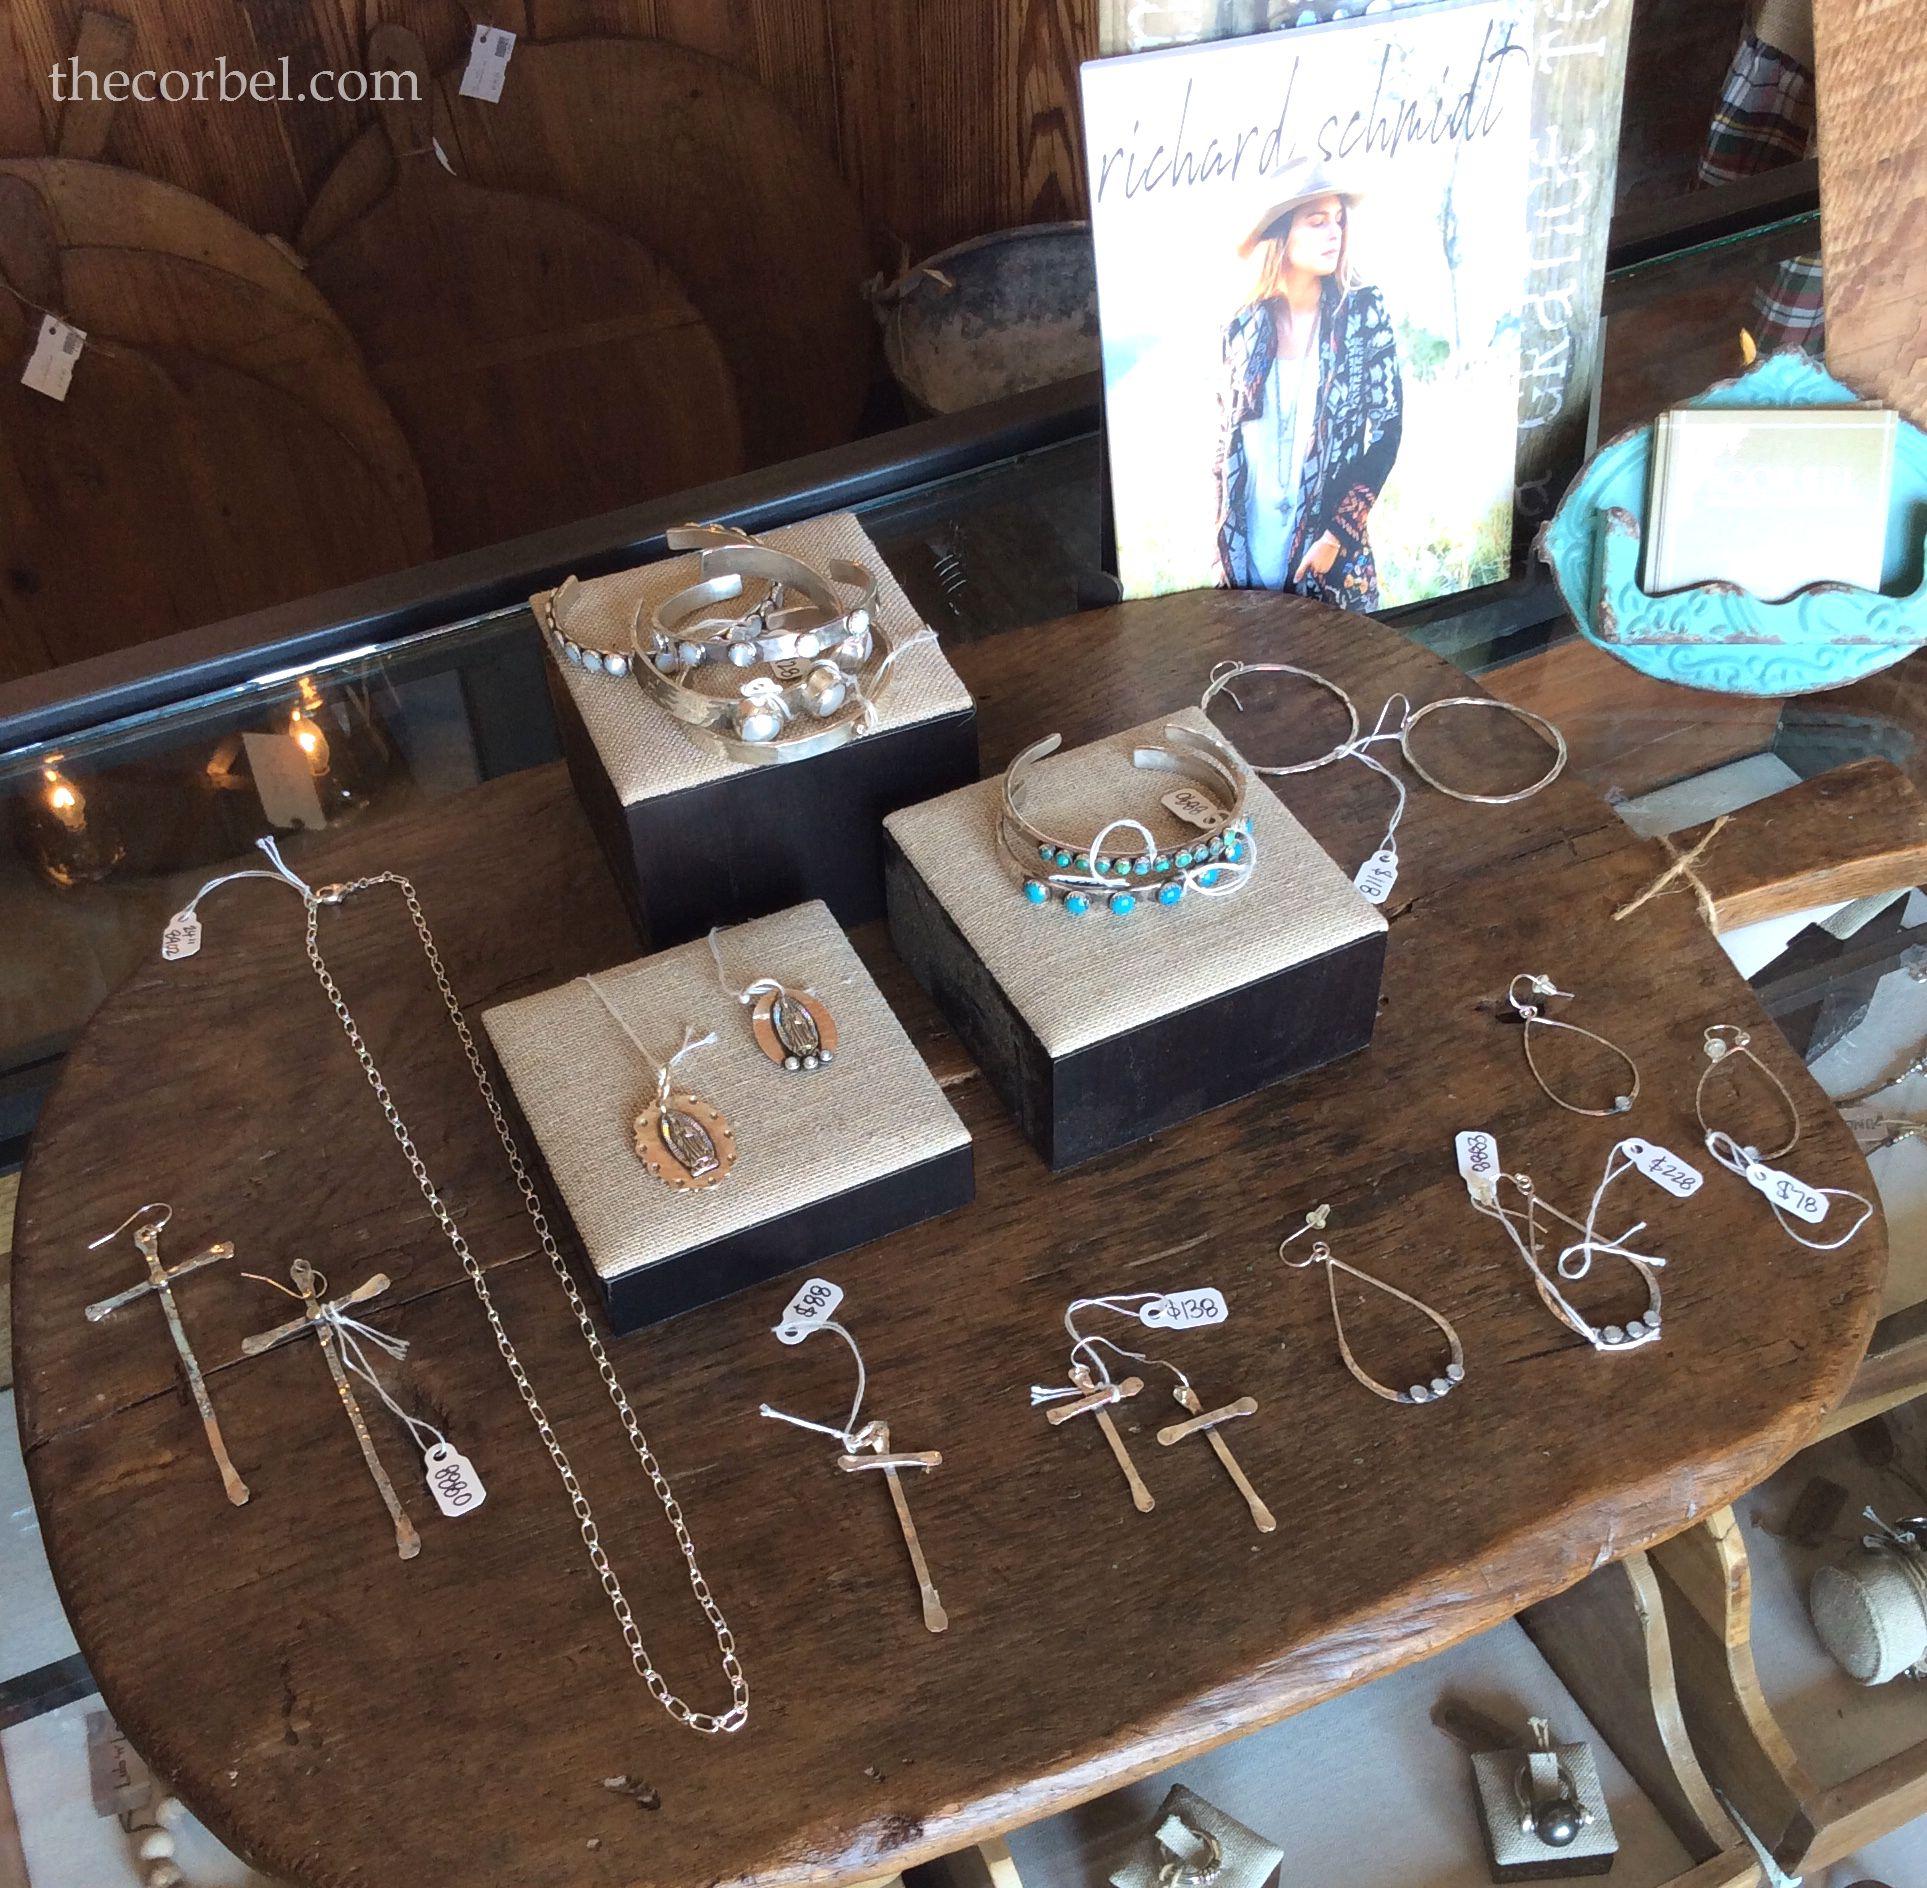 richard schmidt jewelry.jpg